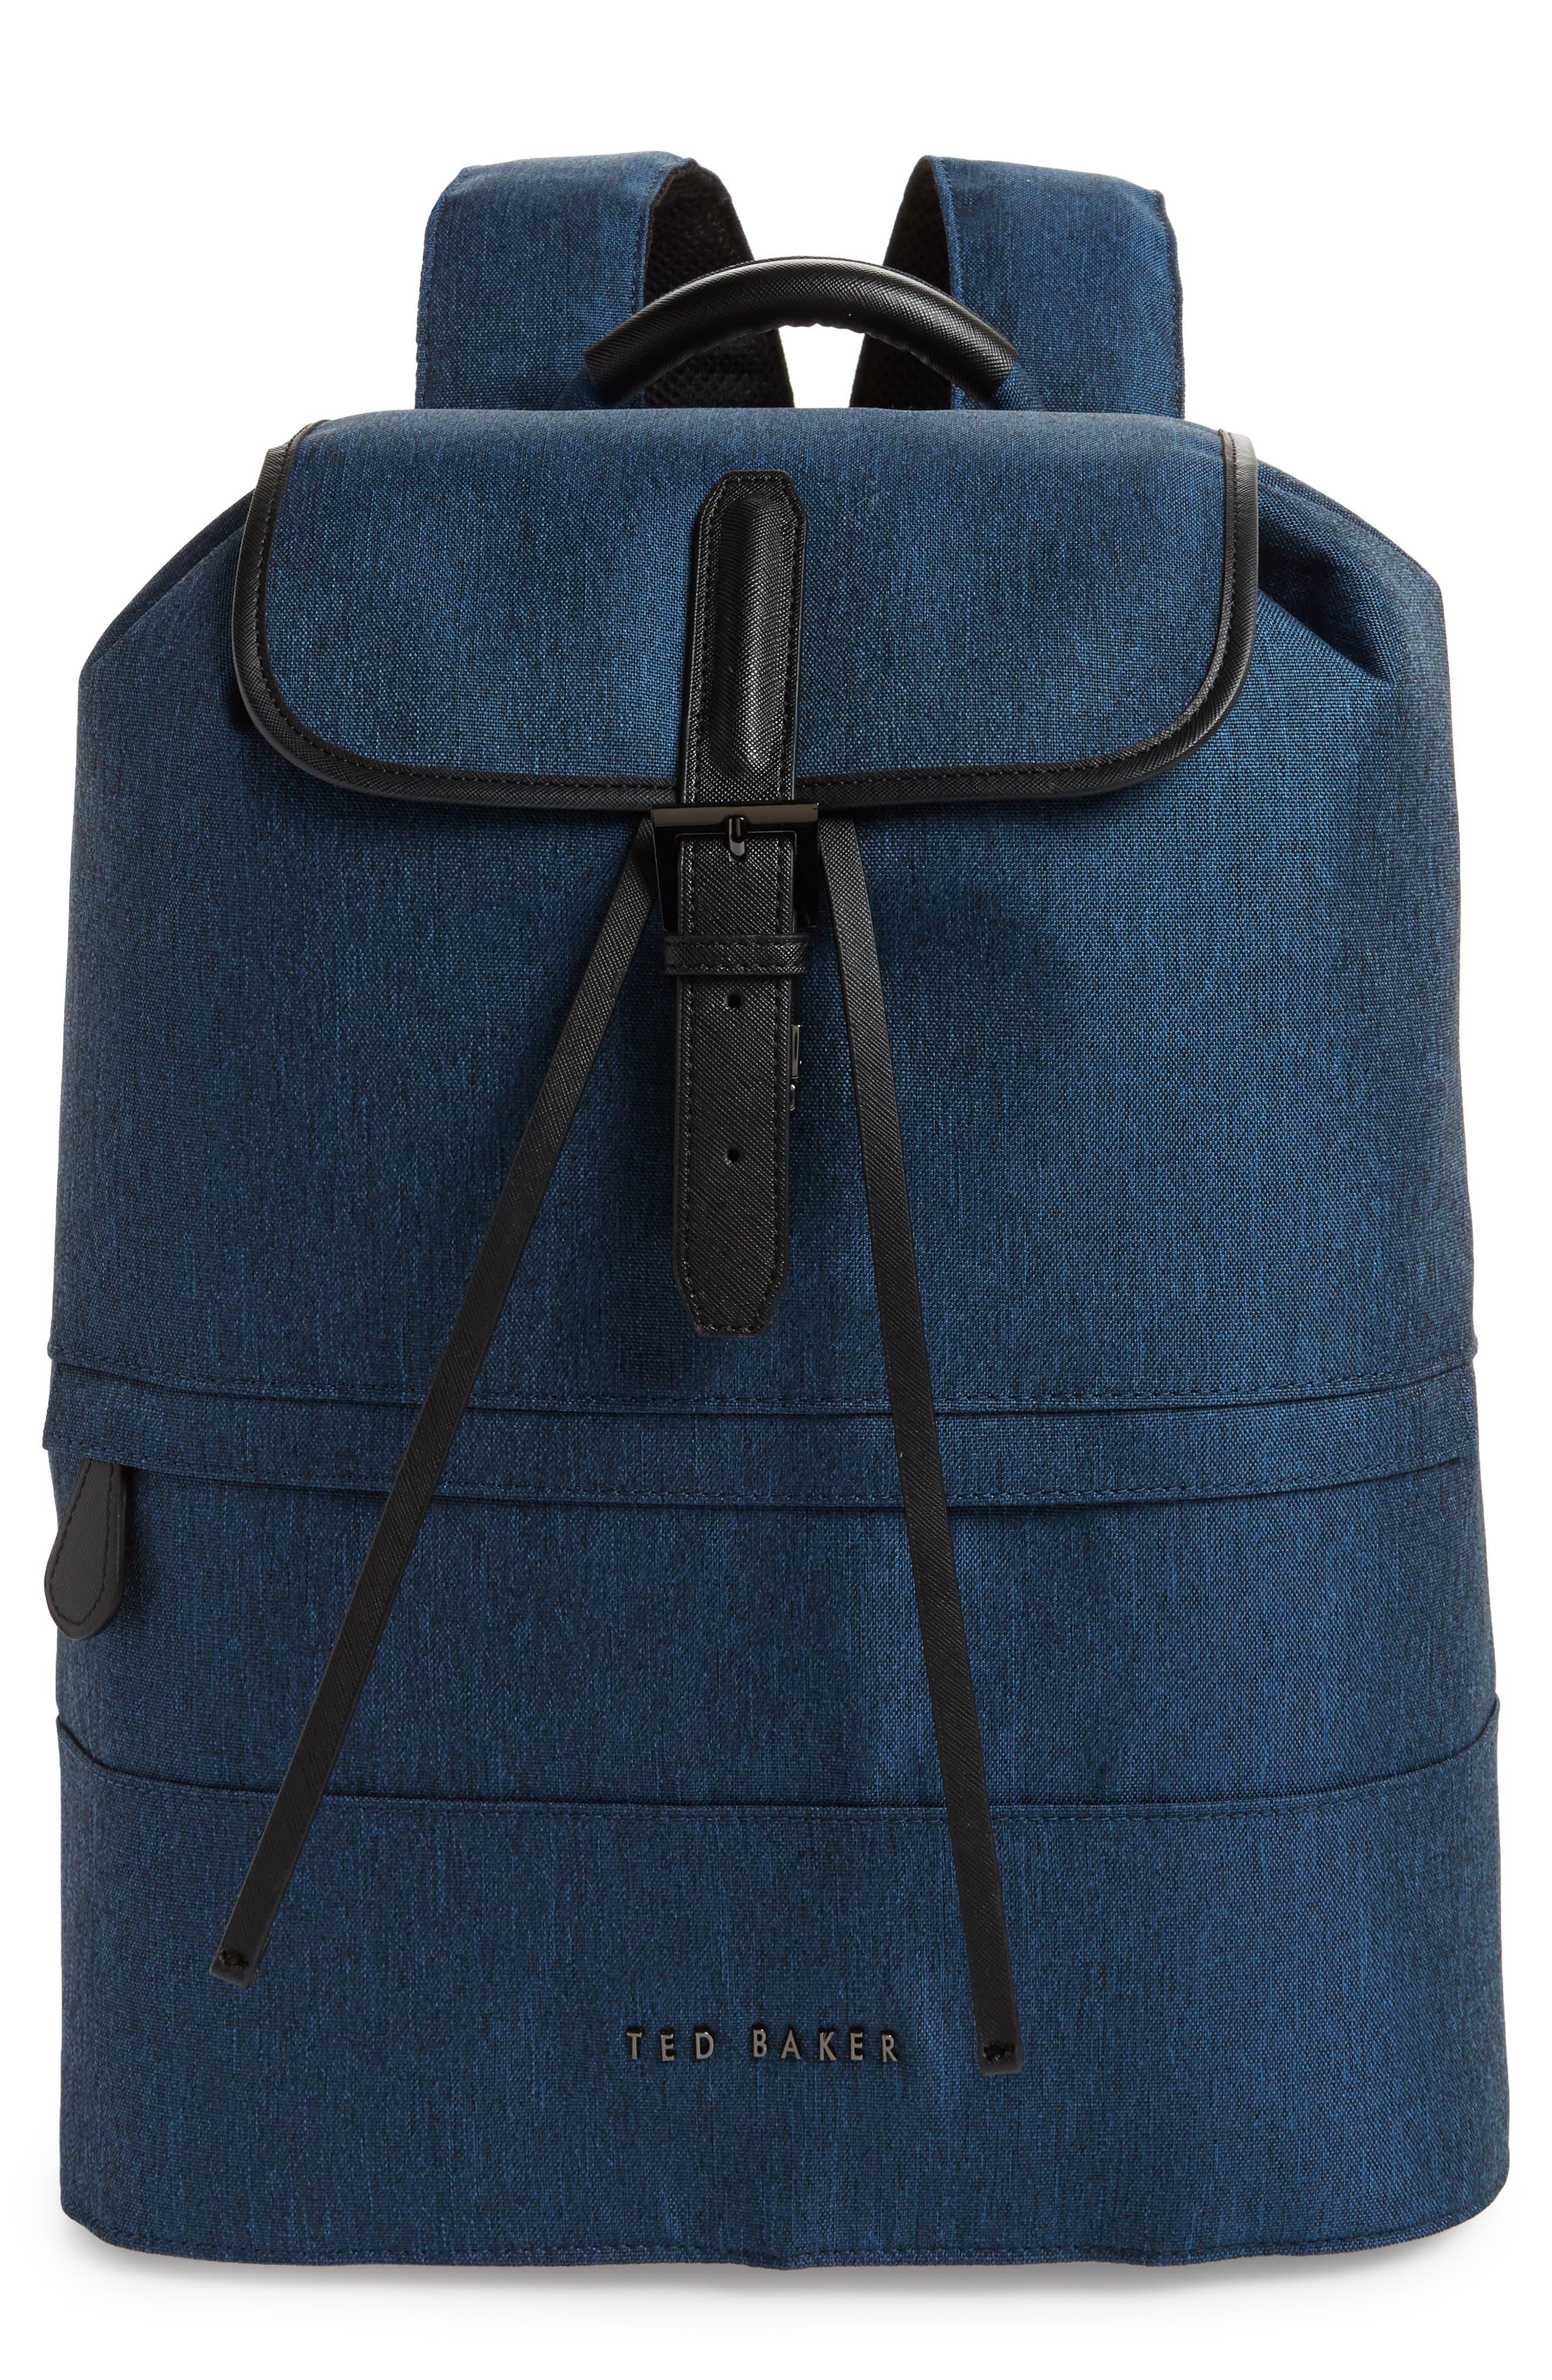 Rayman Backpack,                             Main thumbnail 1, color,                             Blue